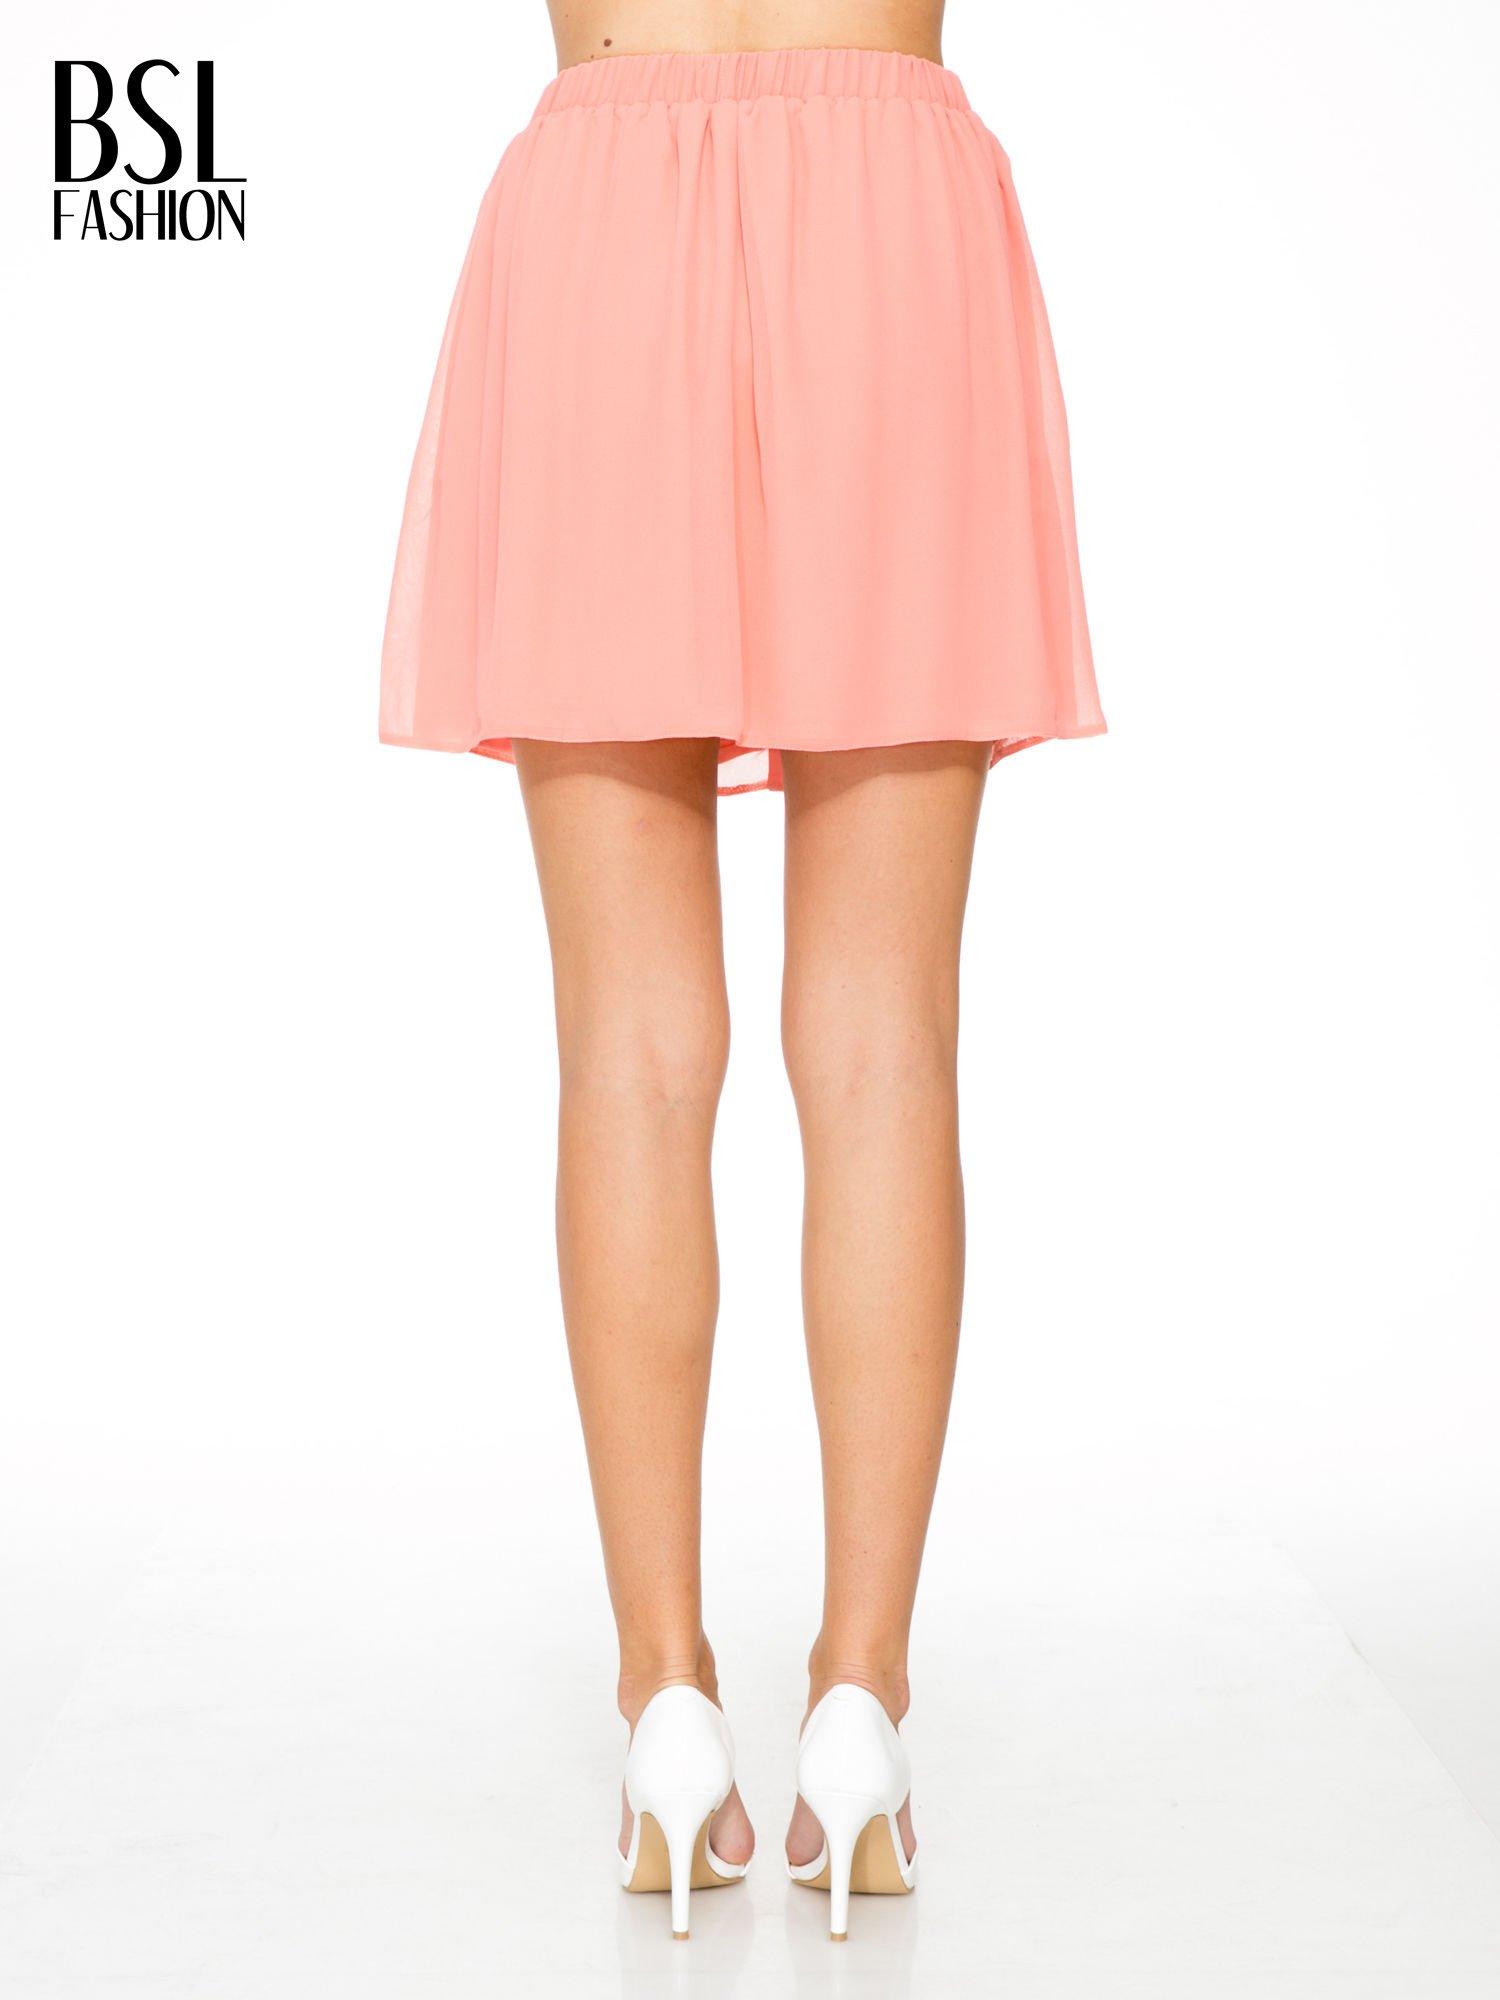 Różowa mini spódnica zapinana z przodu  na rząd guzików                                  zdj.                                  4